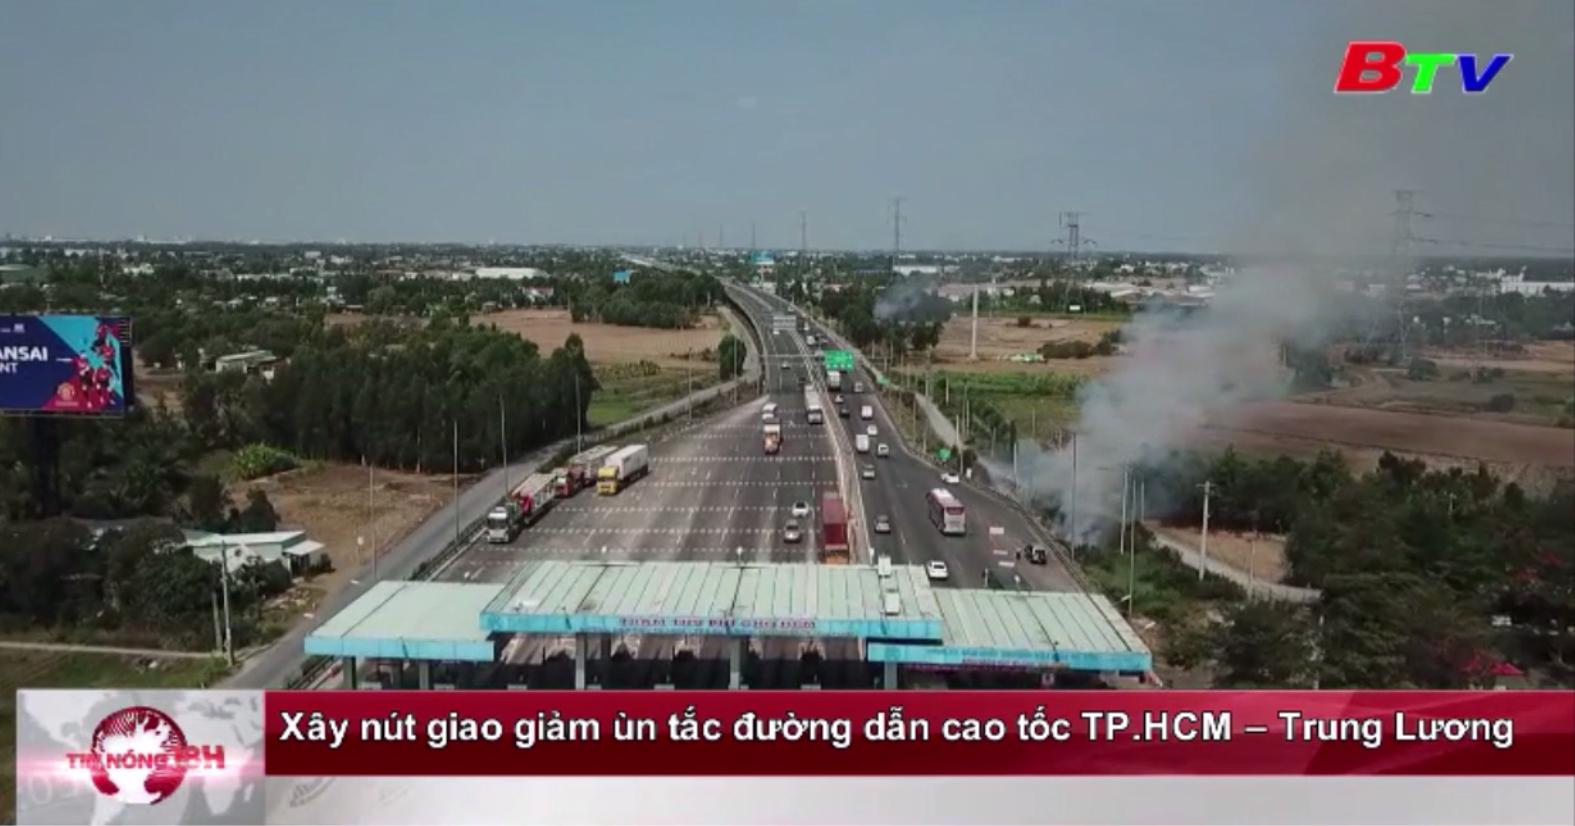 Xây nút giao giảm ùn tắc đường dẫn cao tốc TP.HCM - Trung Lương